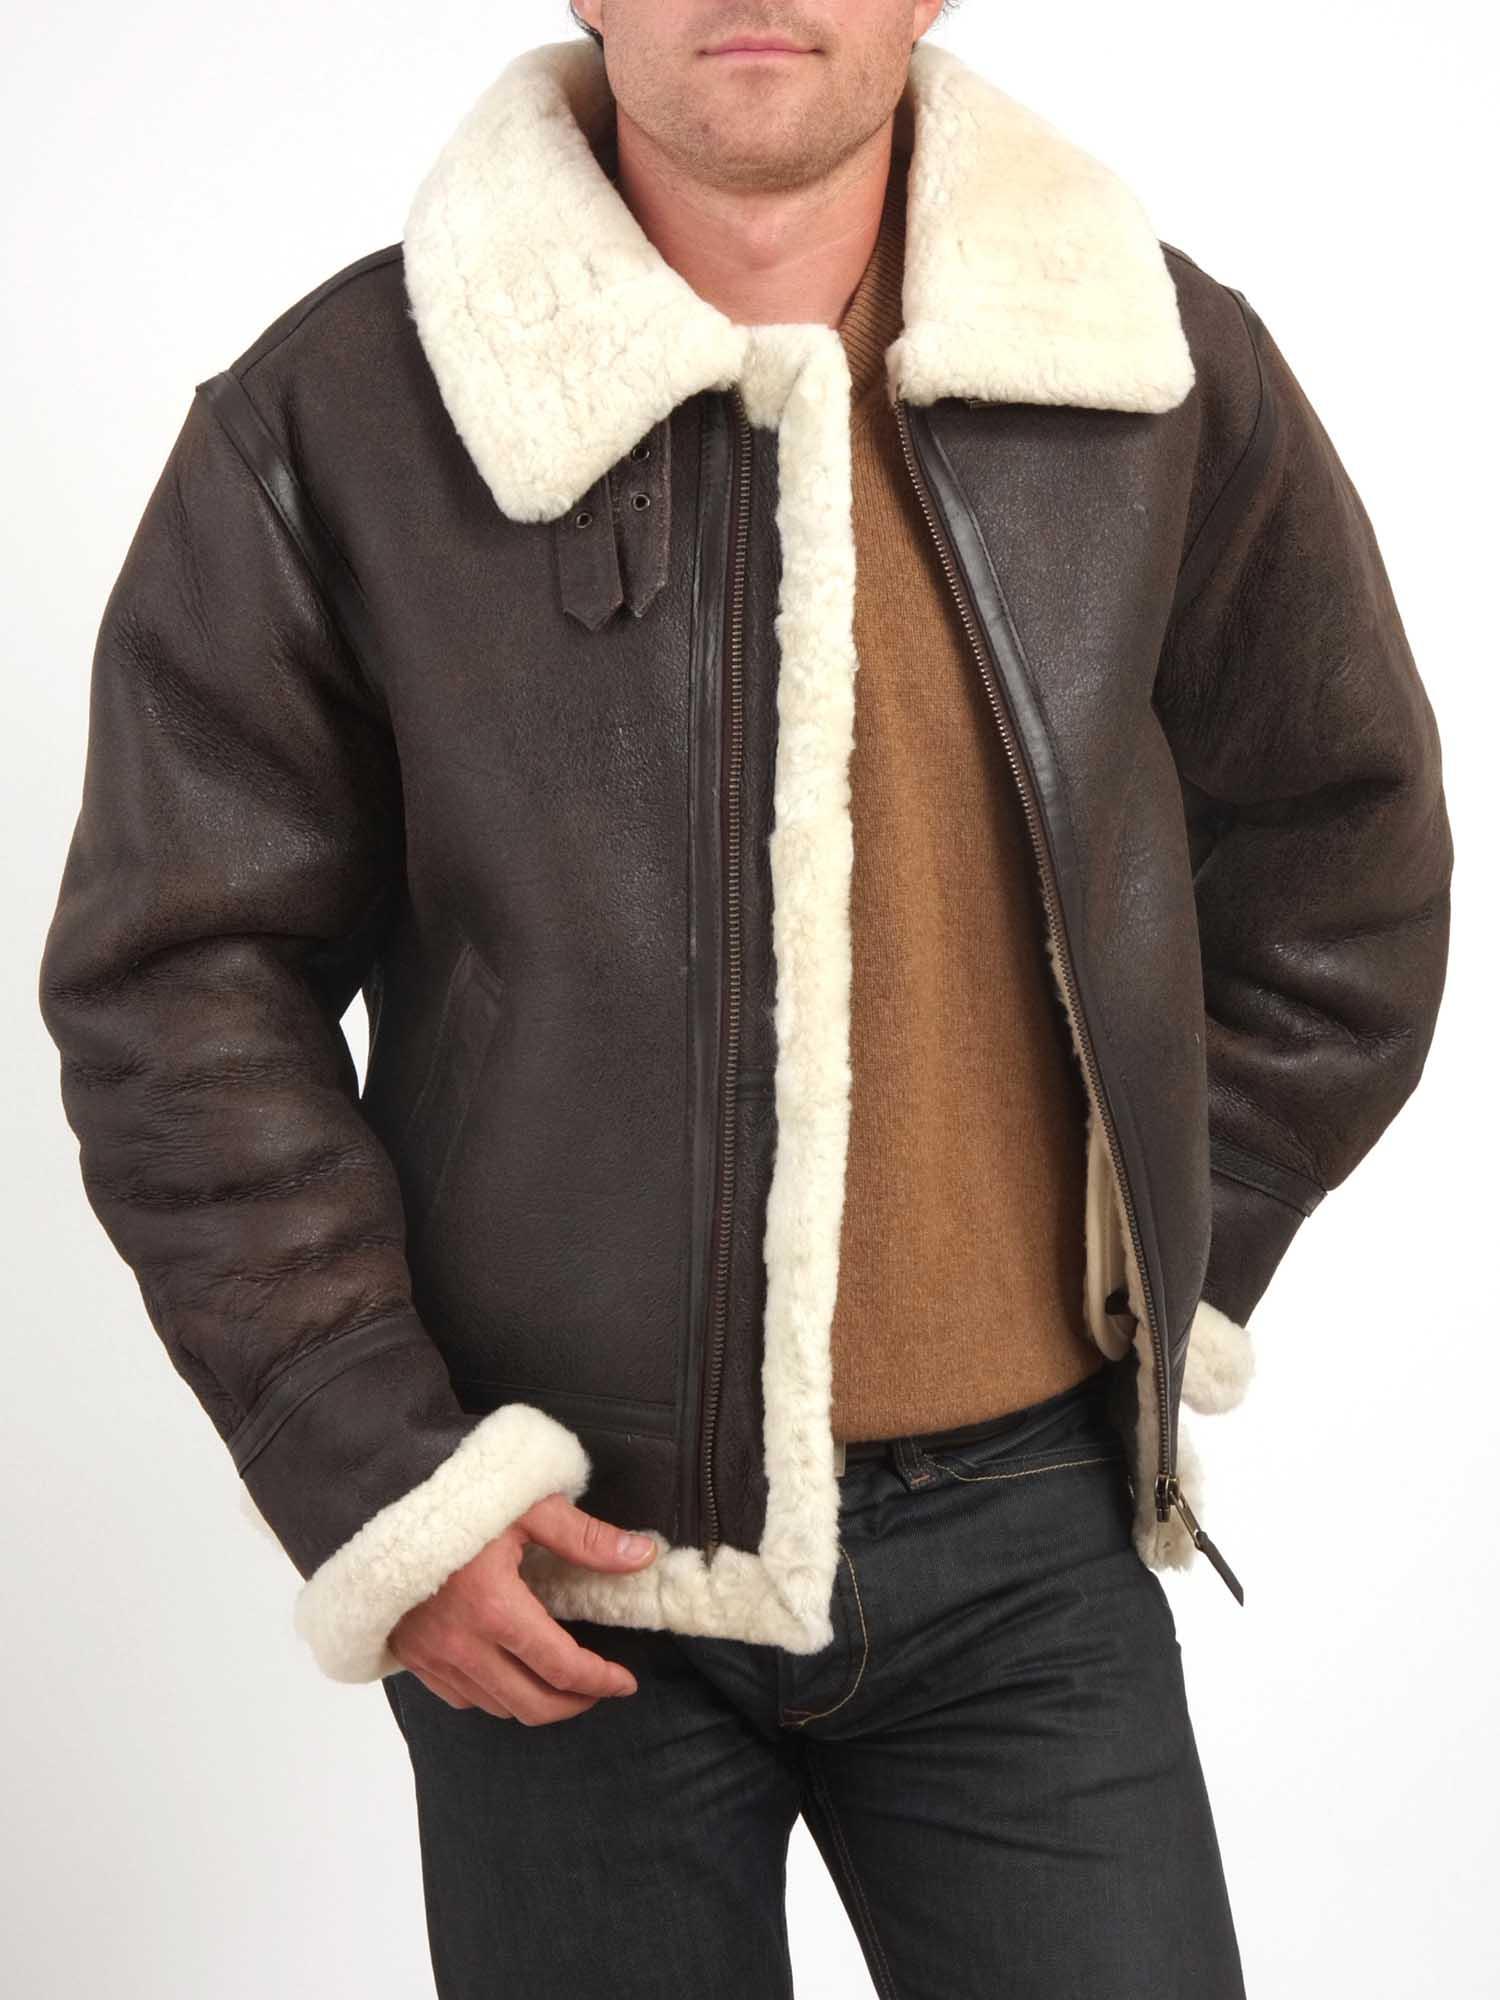 La veste de peau lain e galement appel e veste mouton - Nettoyer peau de mouton ...